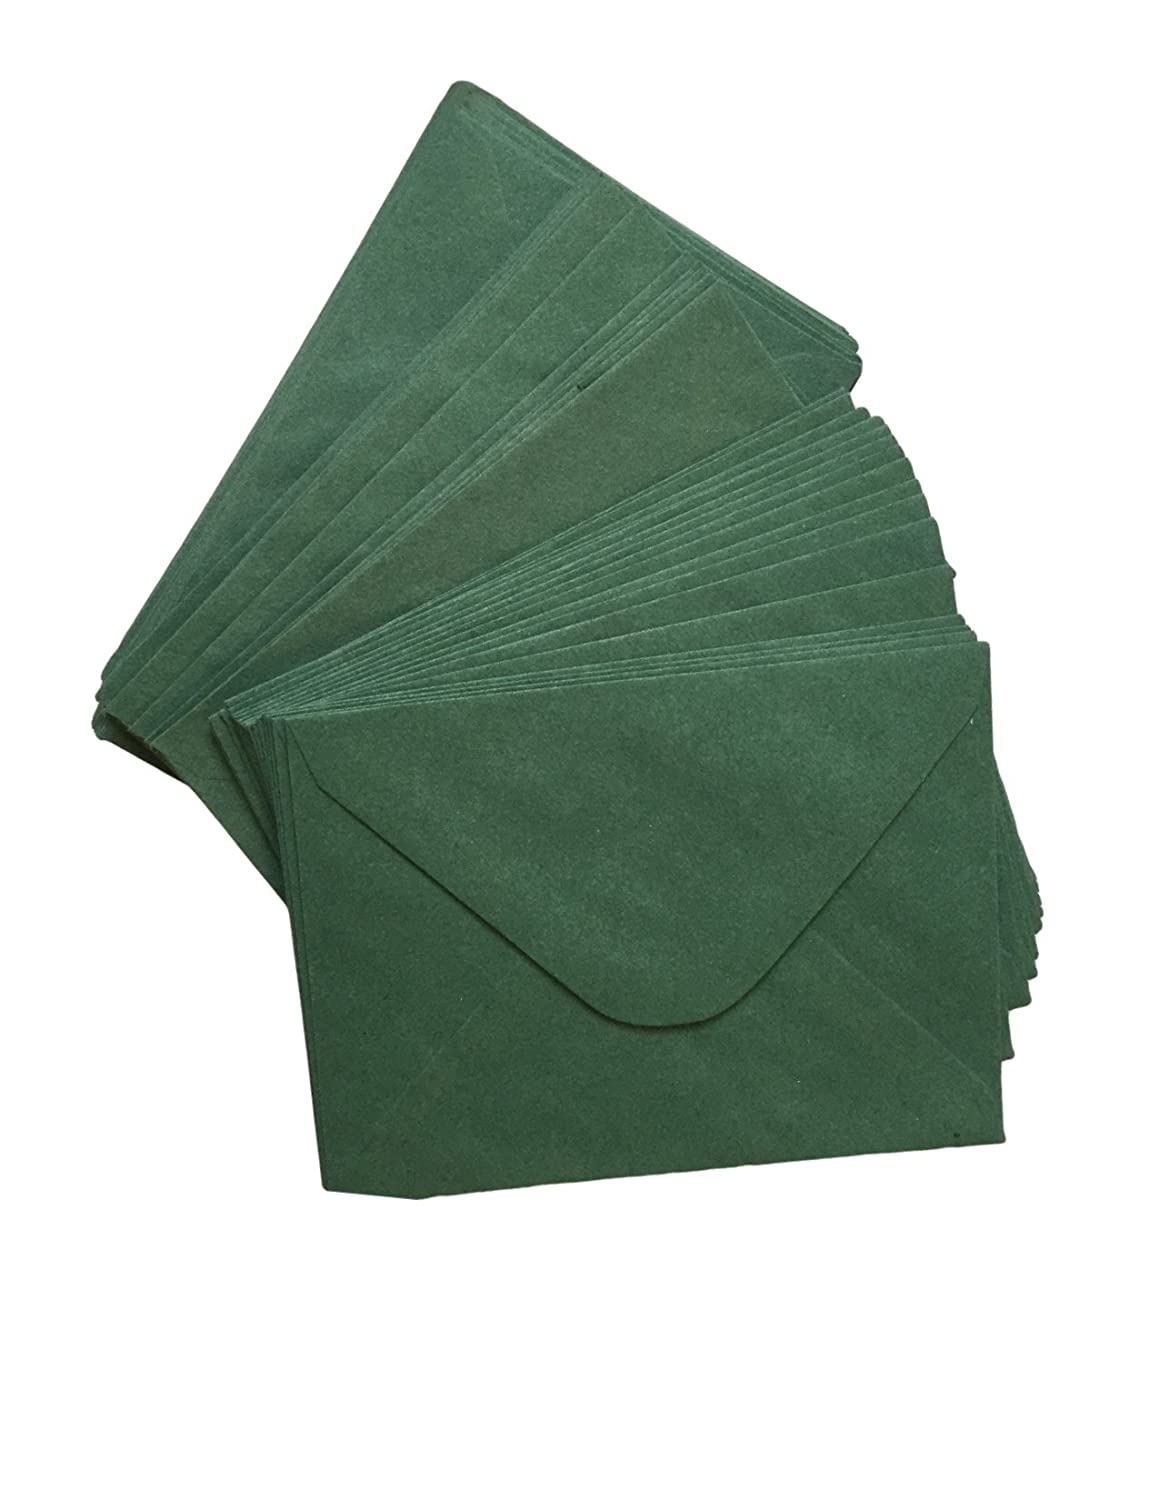 Casa di carta e carta C6 –  Busta di Natale verde muschio (Confezione da 100) Stationery & Craft Select HCP315